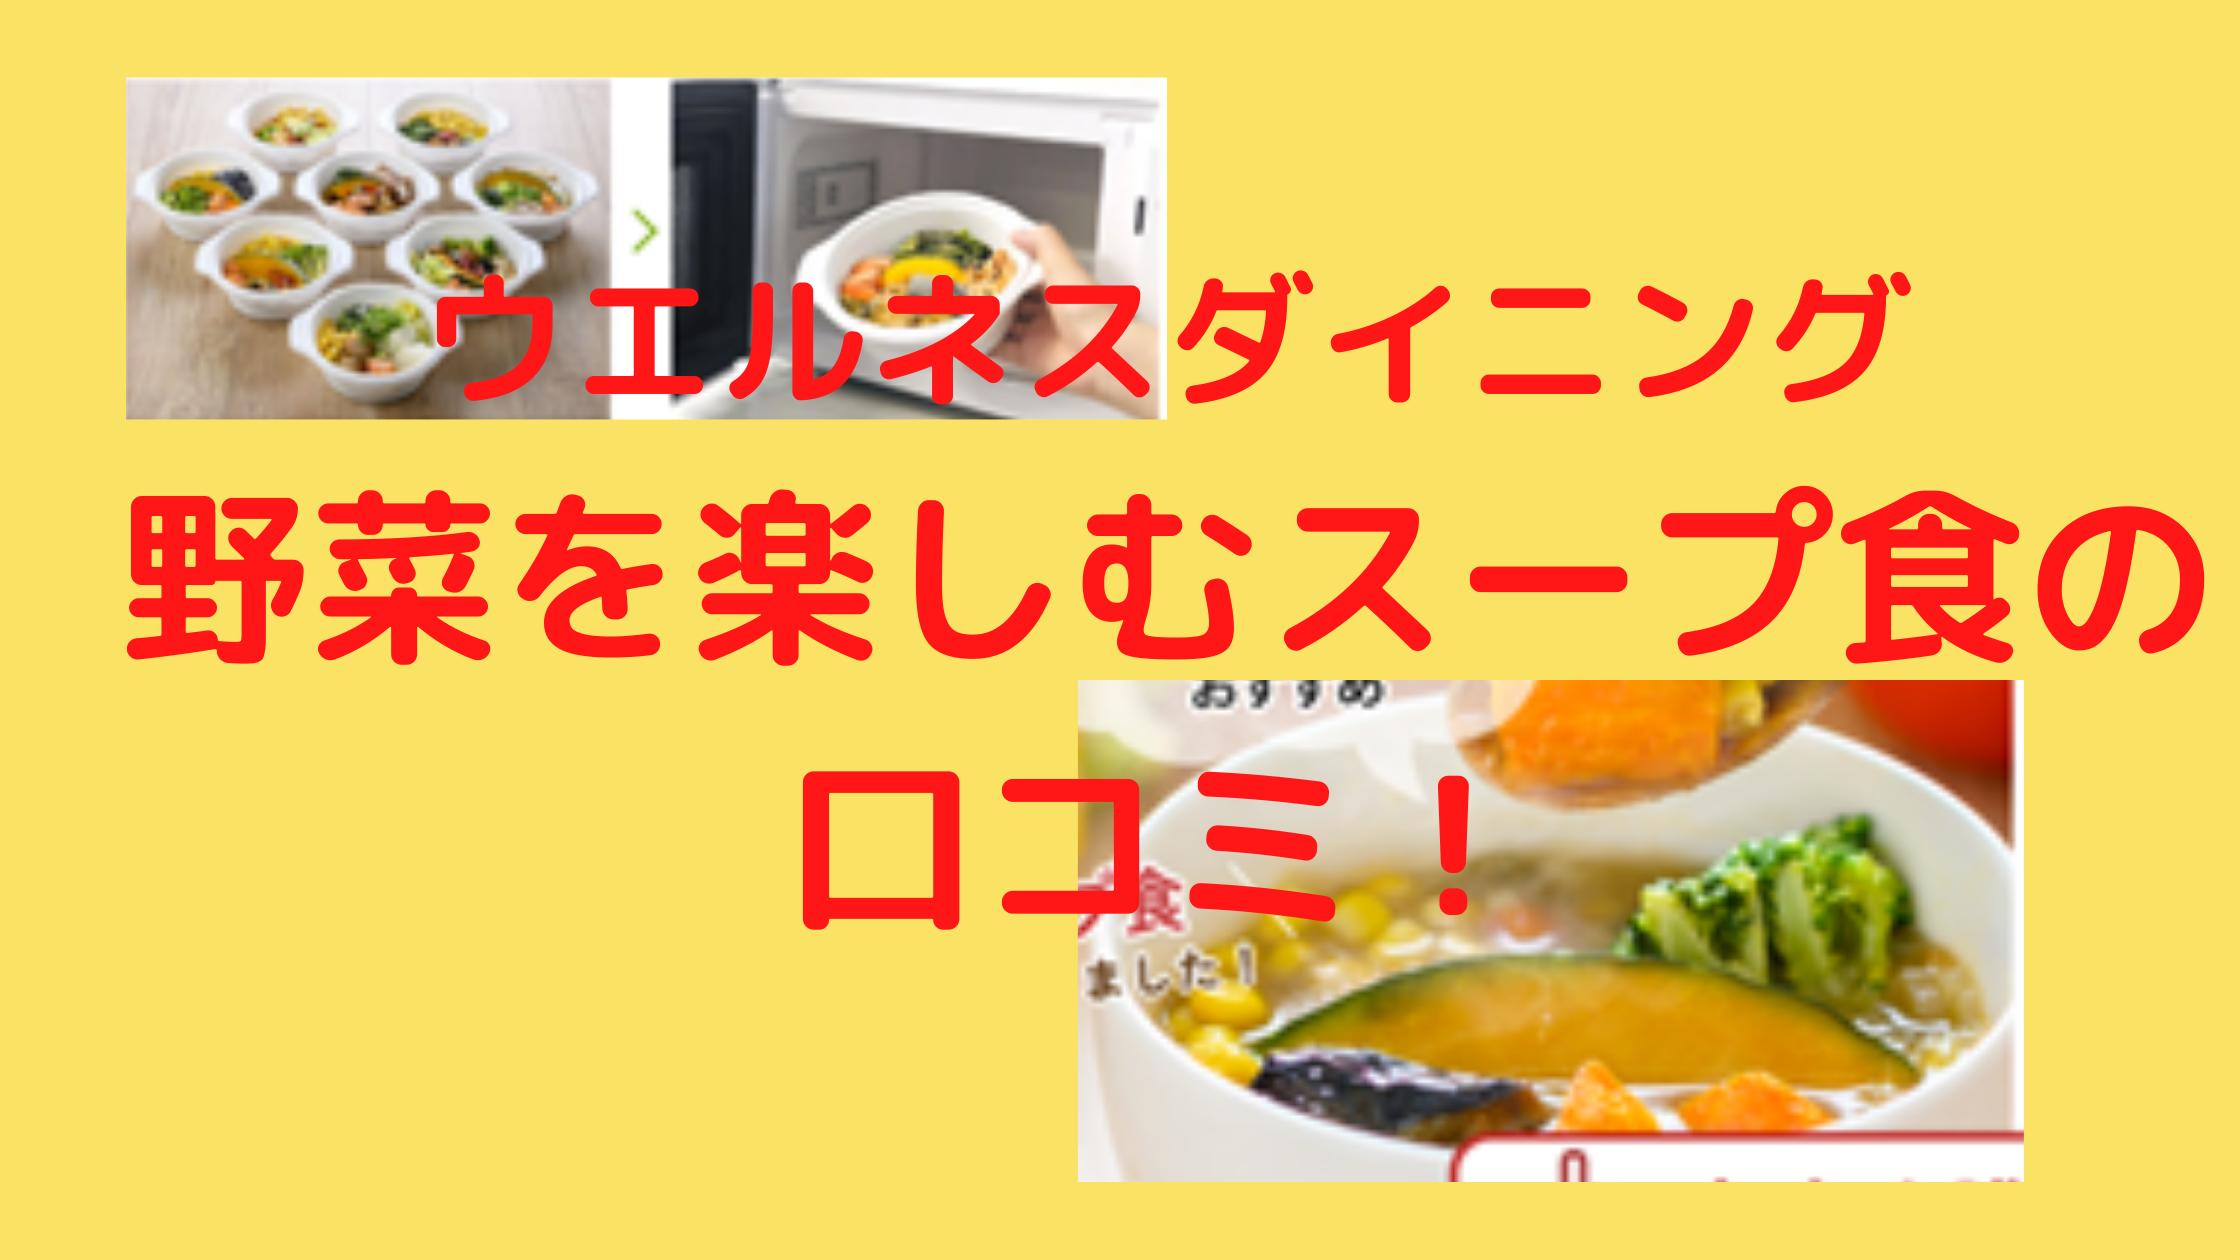 ウェルネスダイニング野菜スープ食